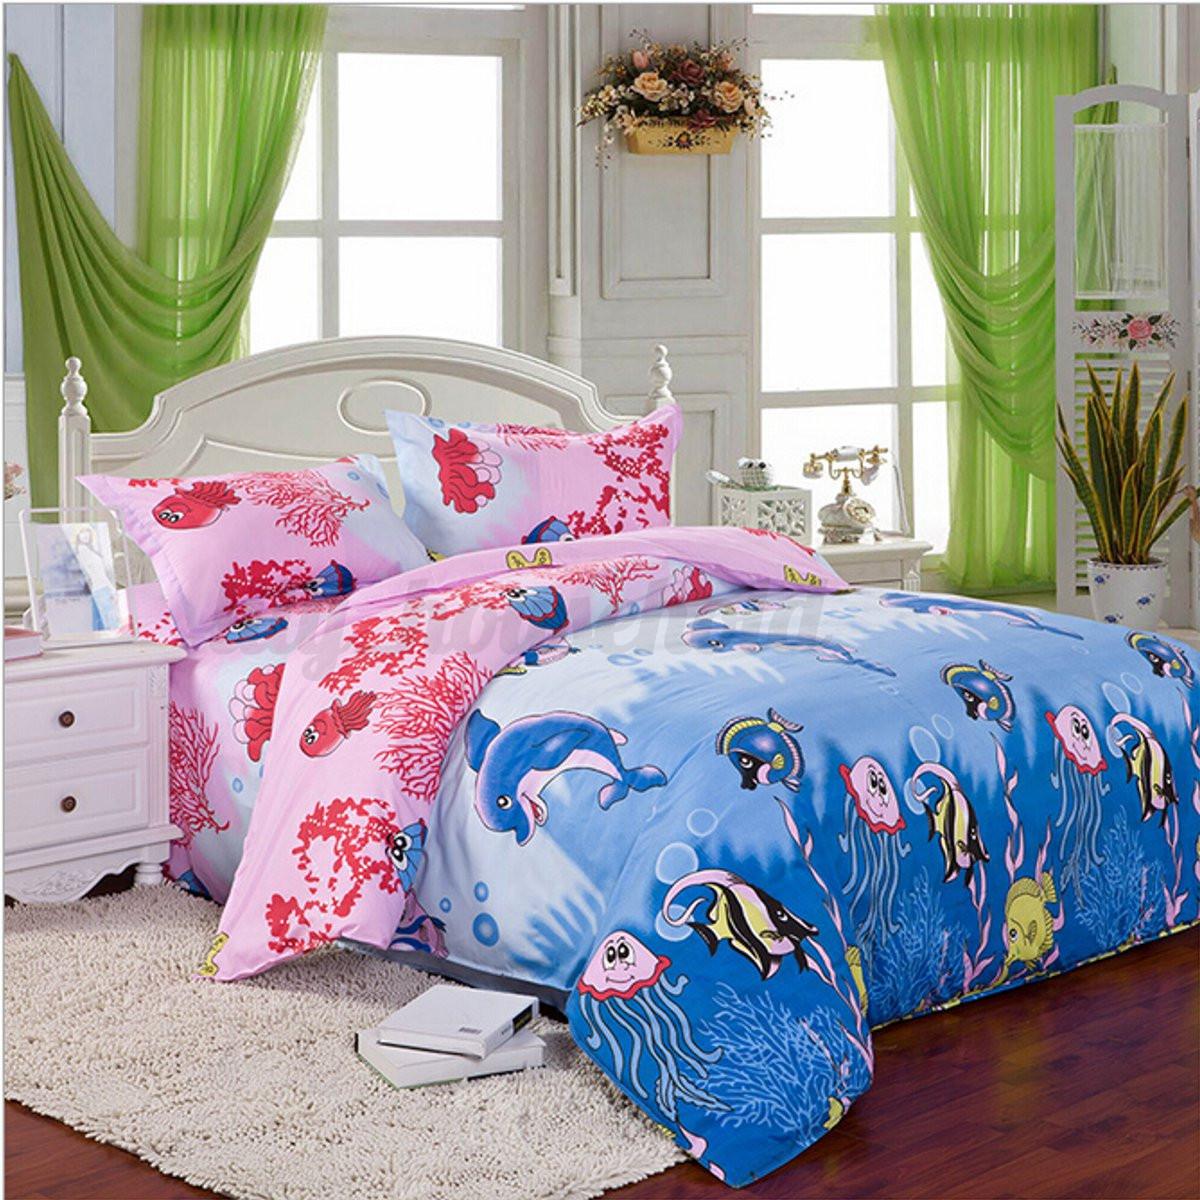 3 4 tlg bettw sche bettgarnitur baumwolle kissen decke 150 x 200 200 x 230cm ebay. Black Bedroom Furniture Sets. Home Design Ideas